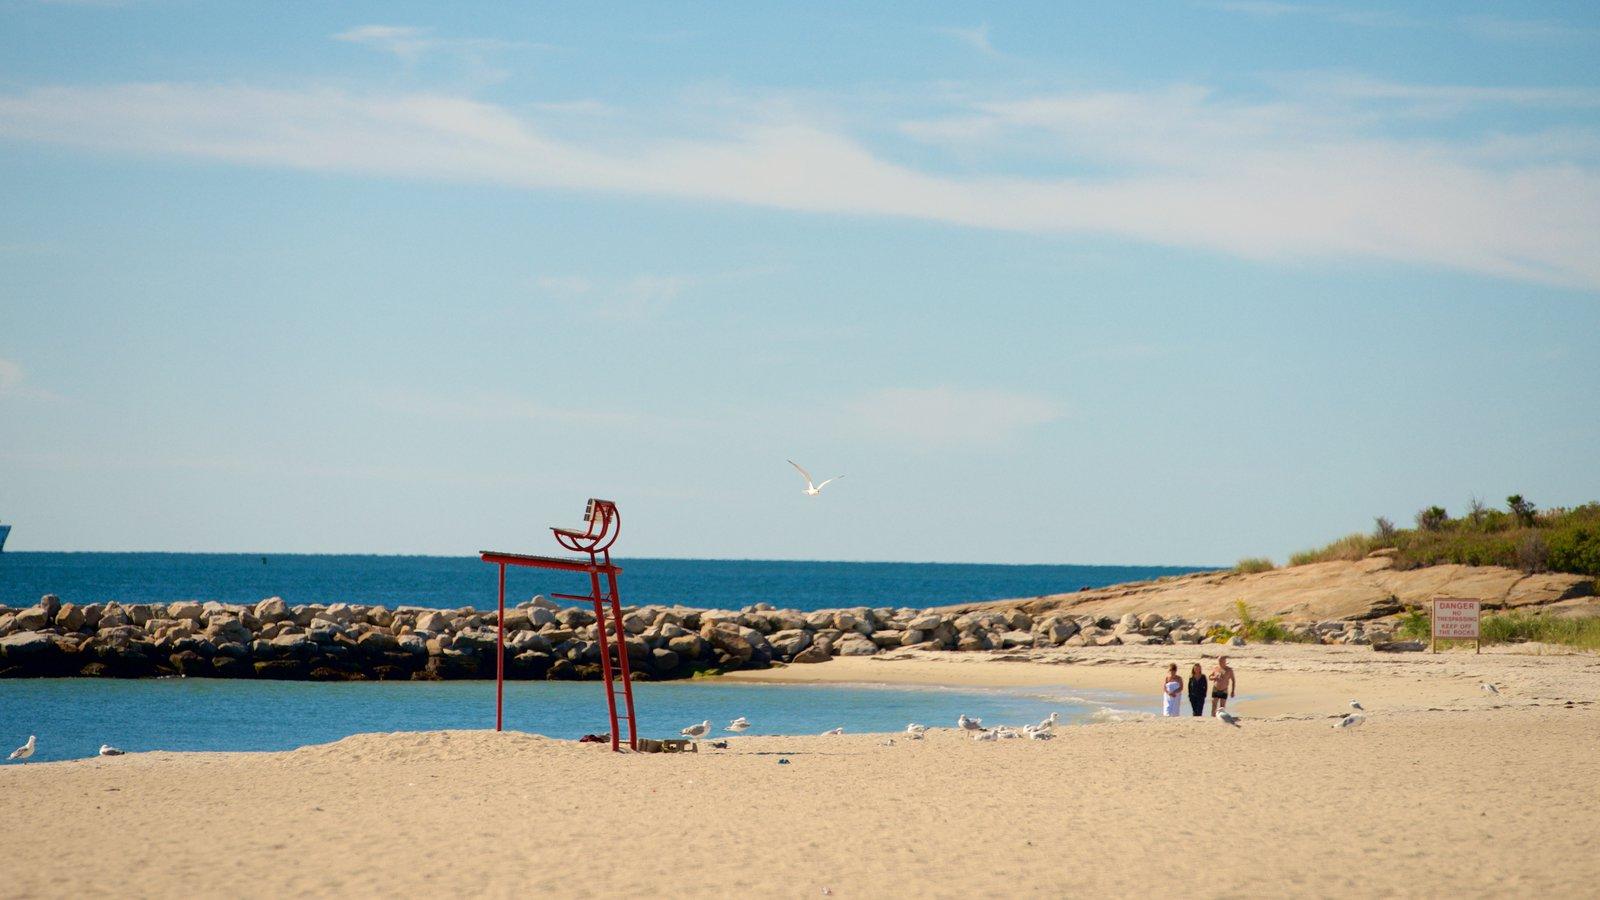 Ocean Beach Park Featuring A